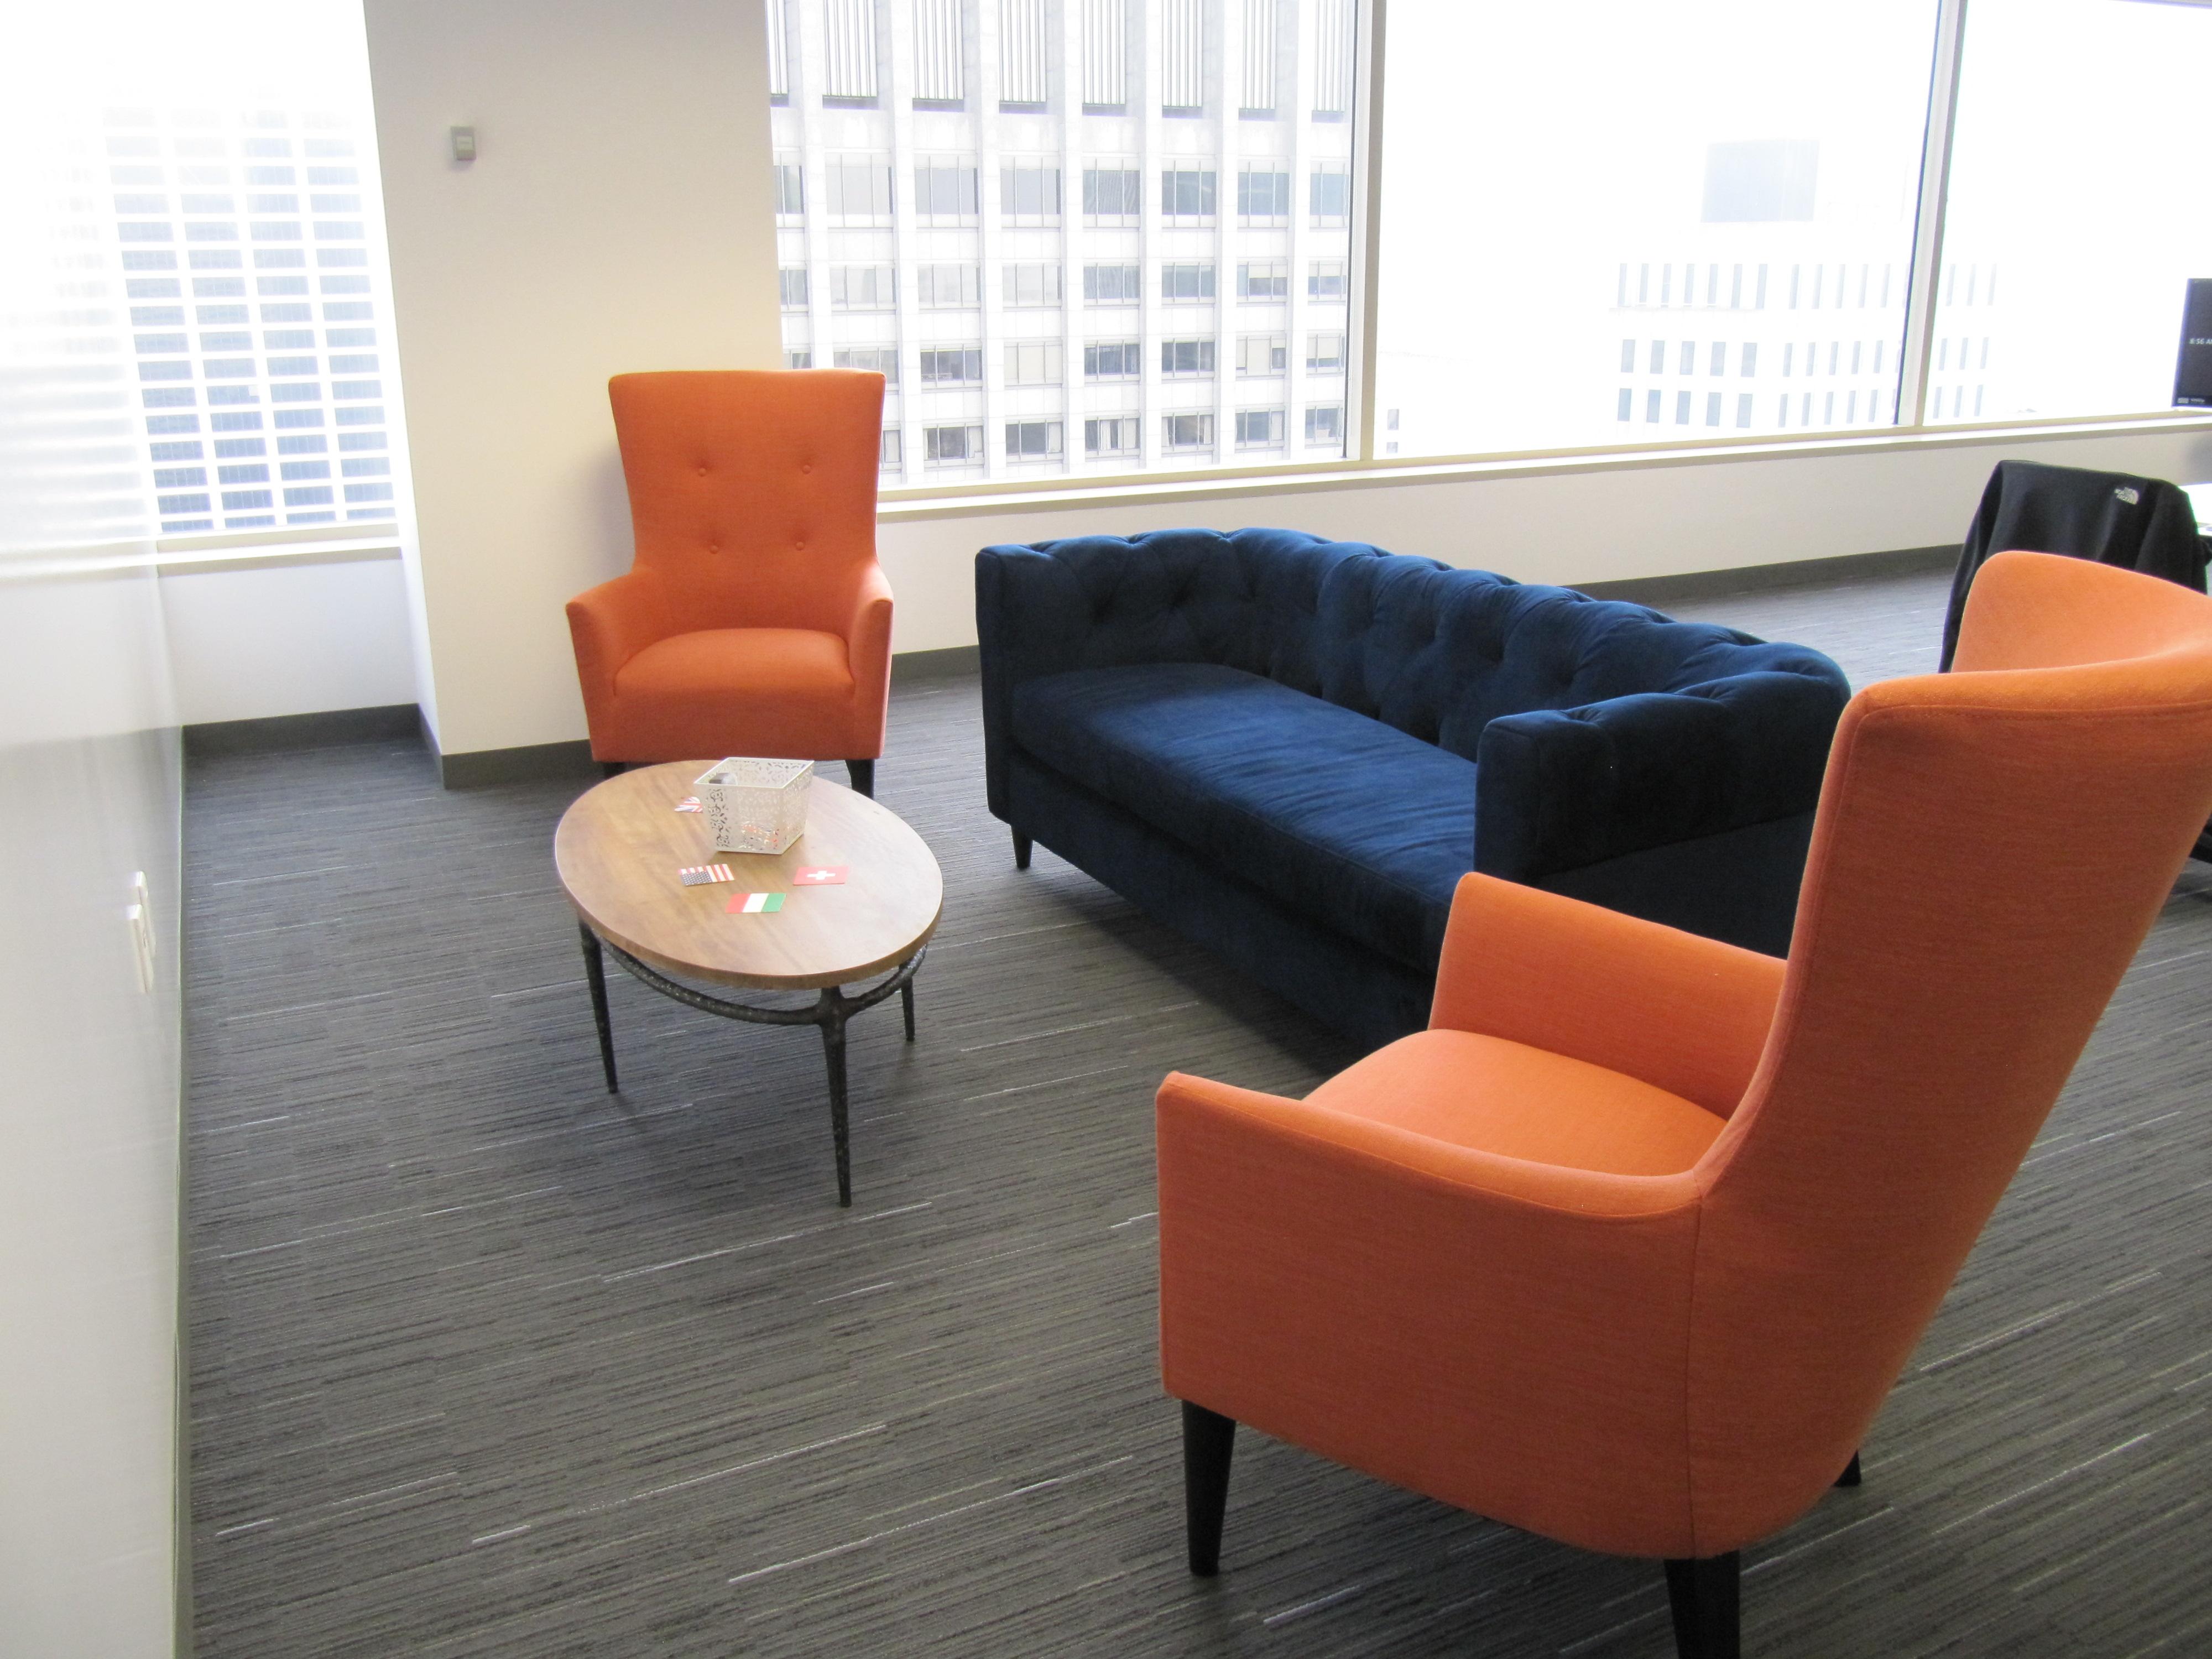 Clearslide Meeting Space